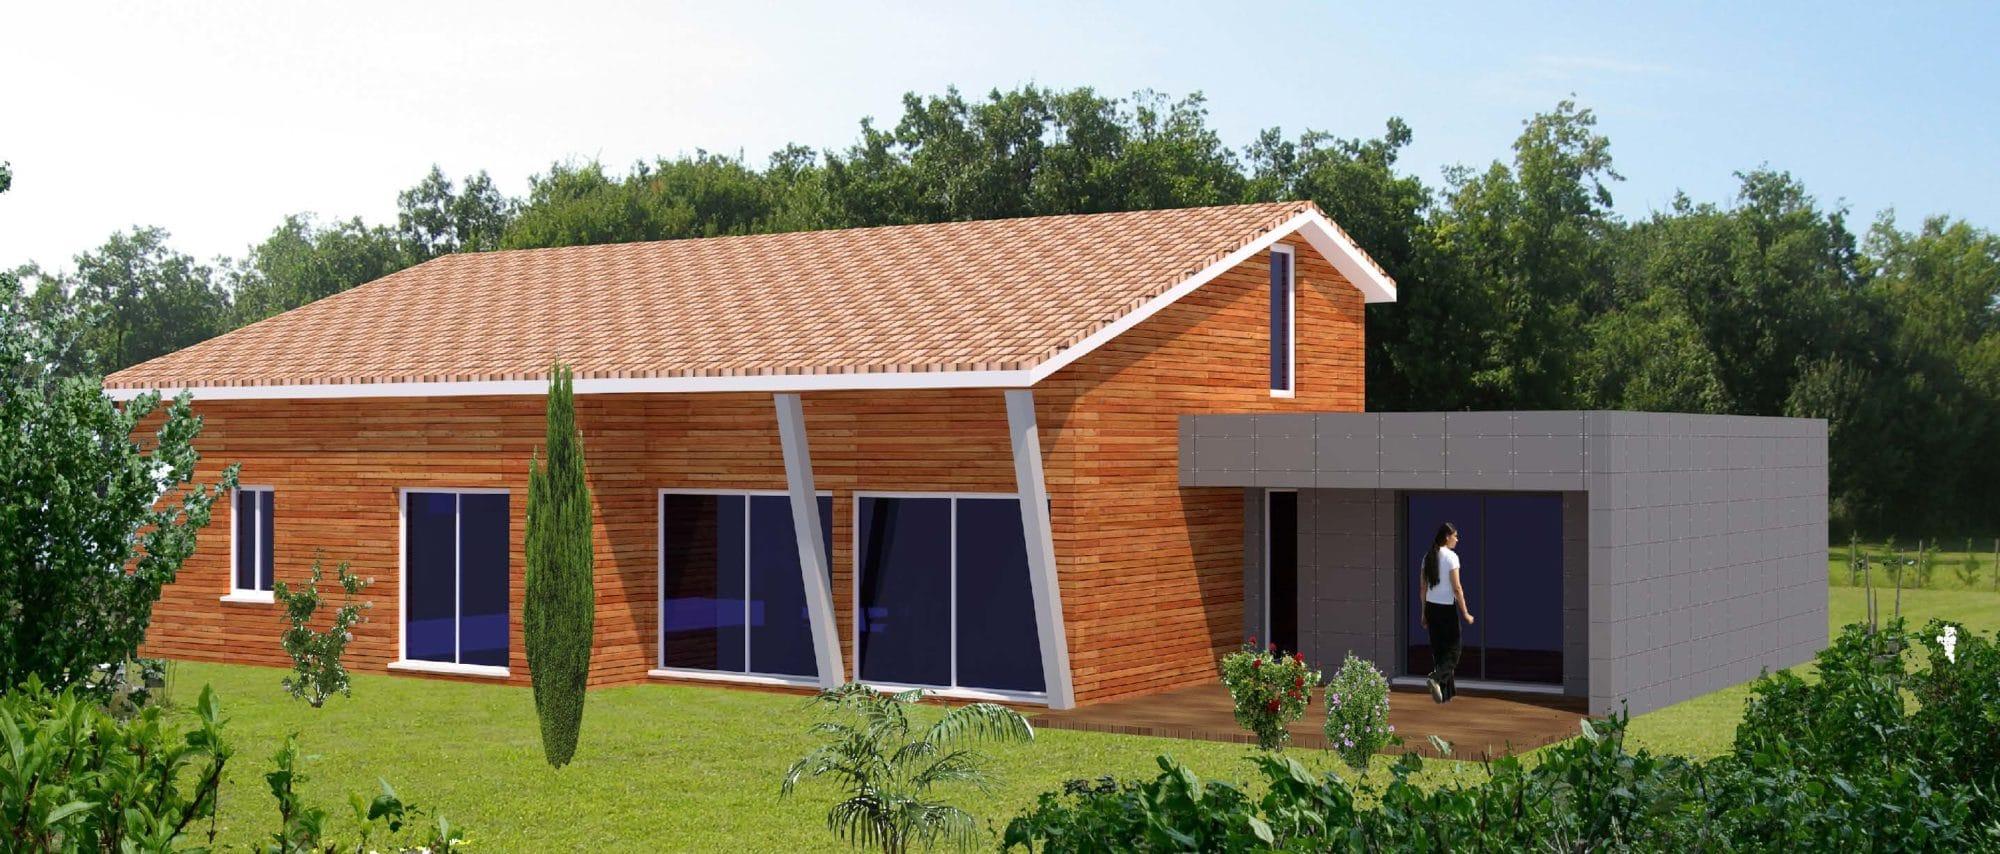 Extension ossature bois pour agrandir votre maison for Agrandir maison bois